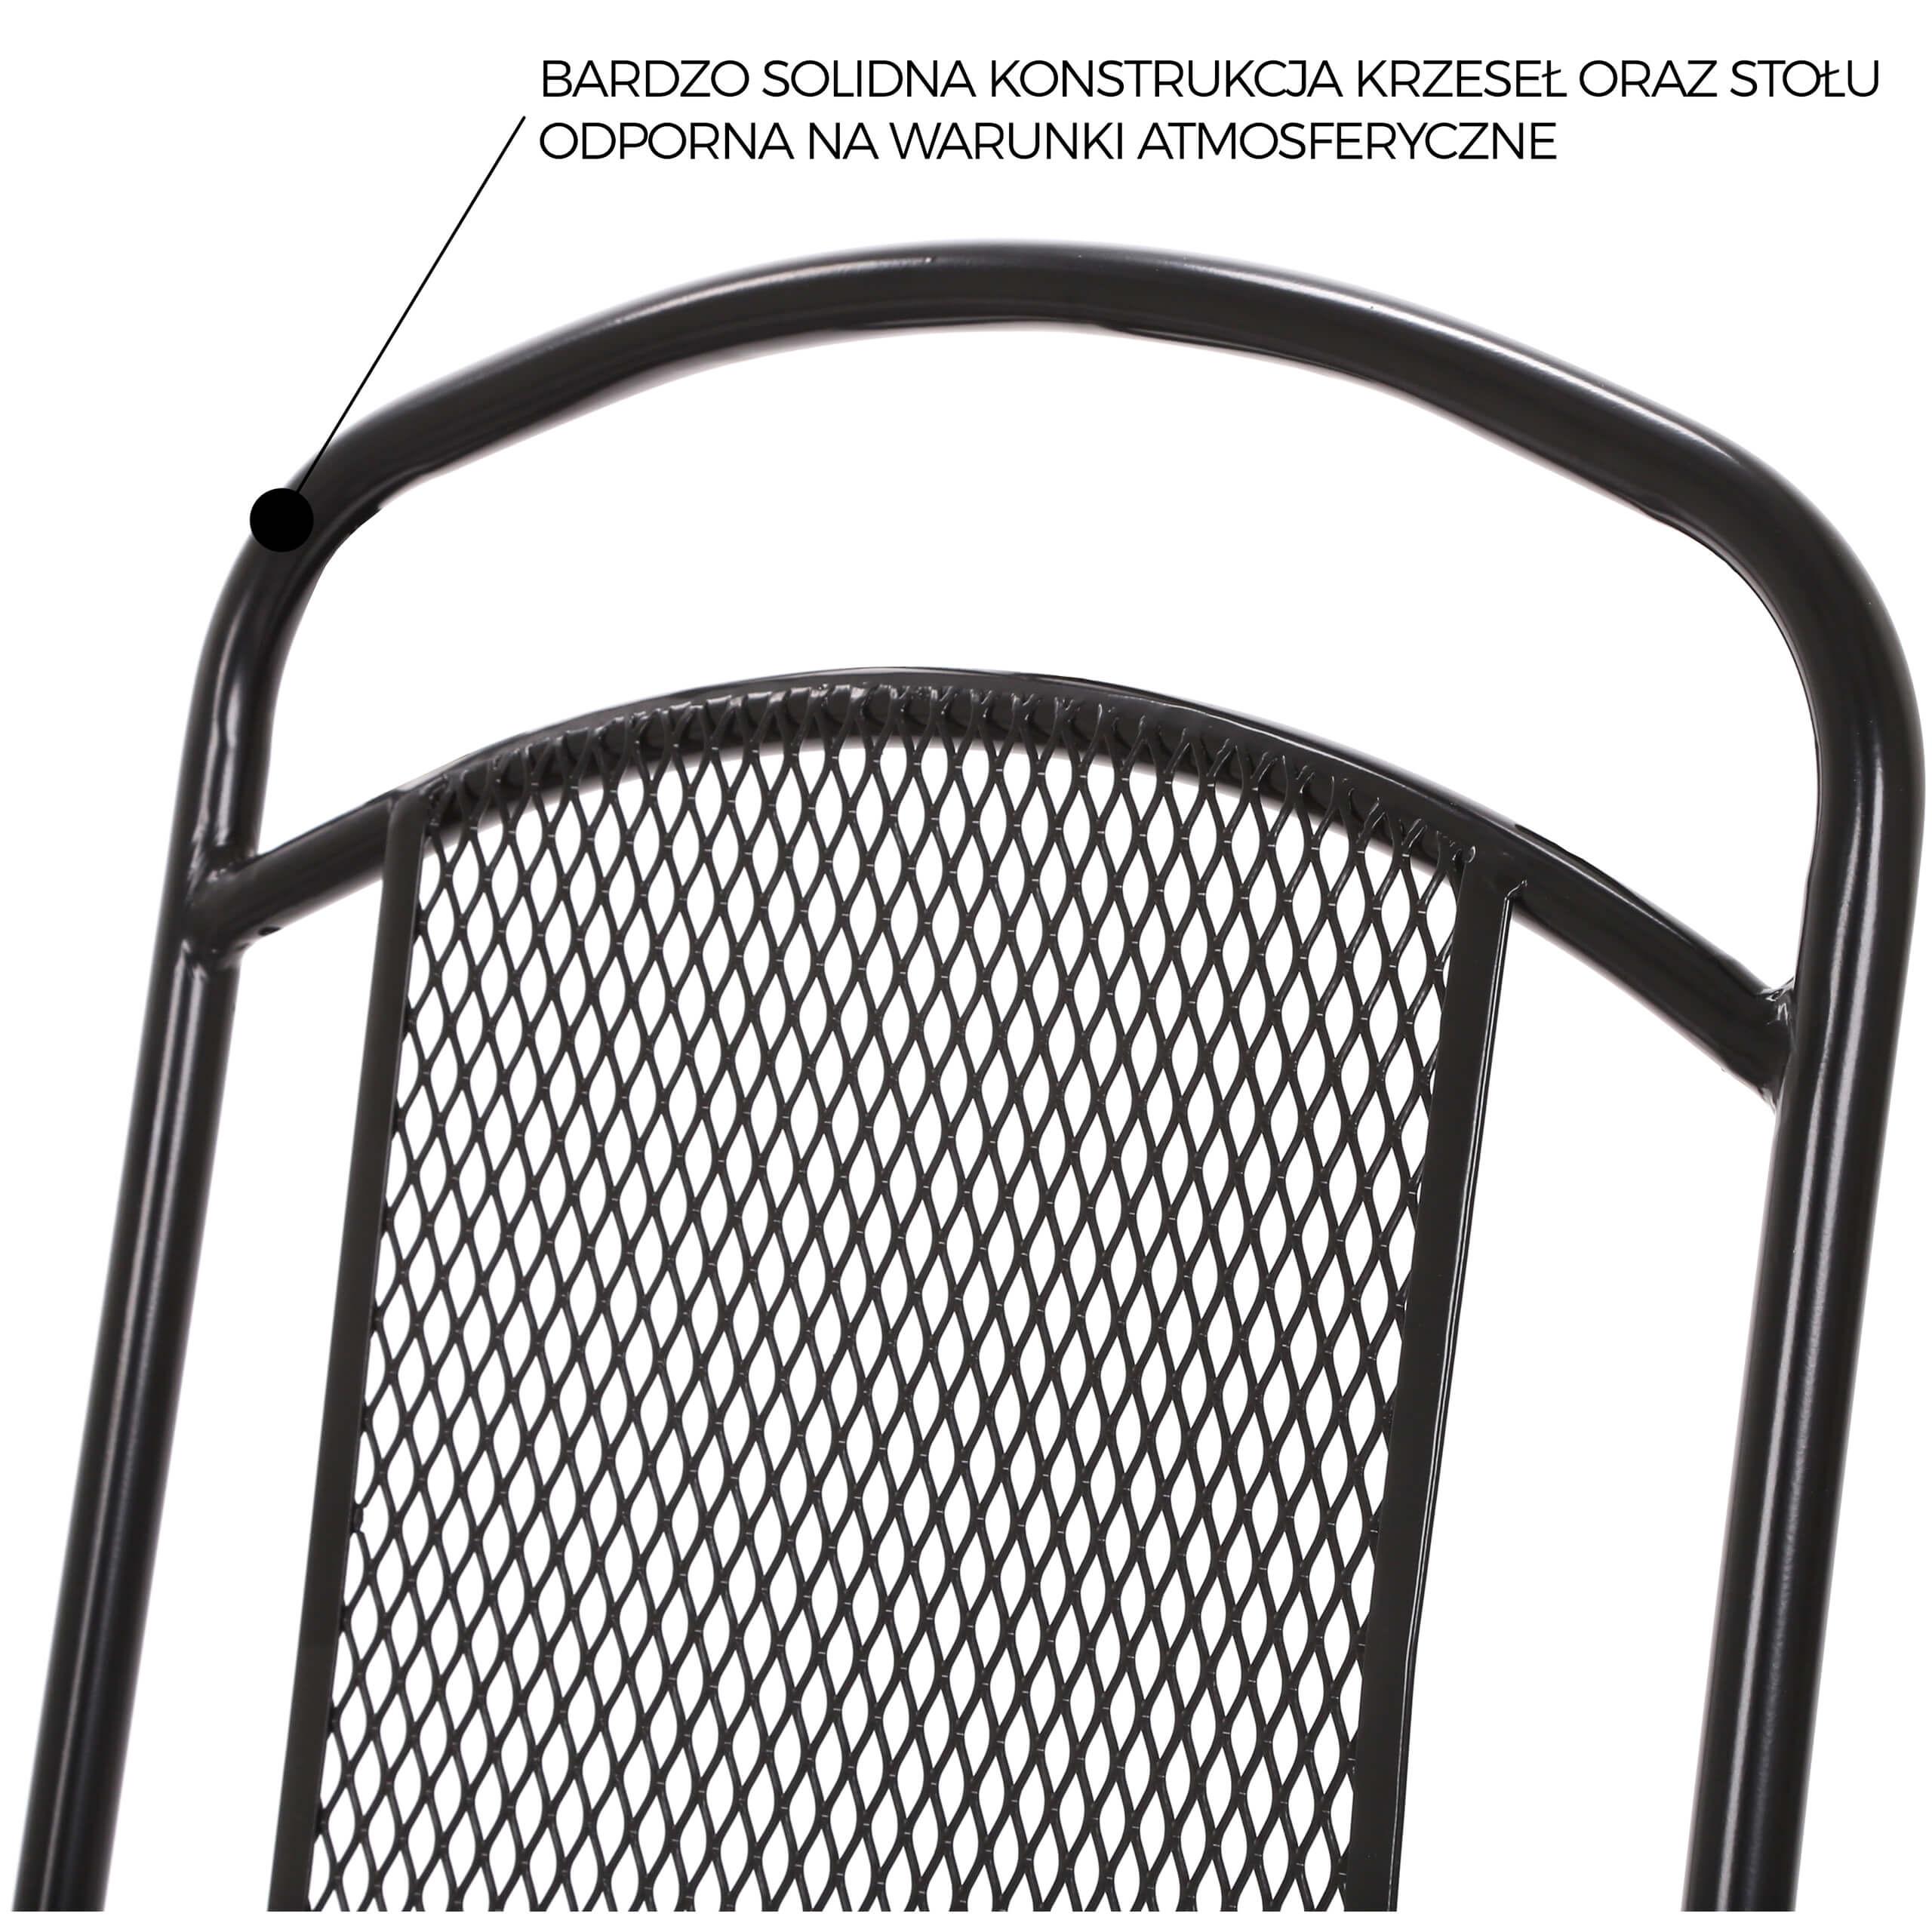 Krzesło ogrodowe metalowe Dico